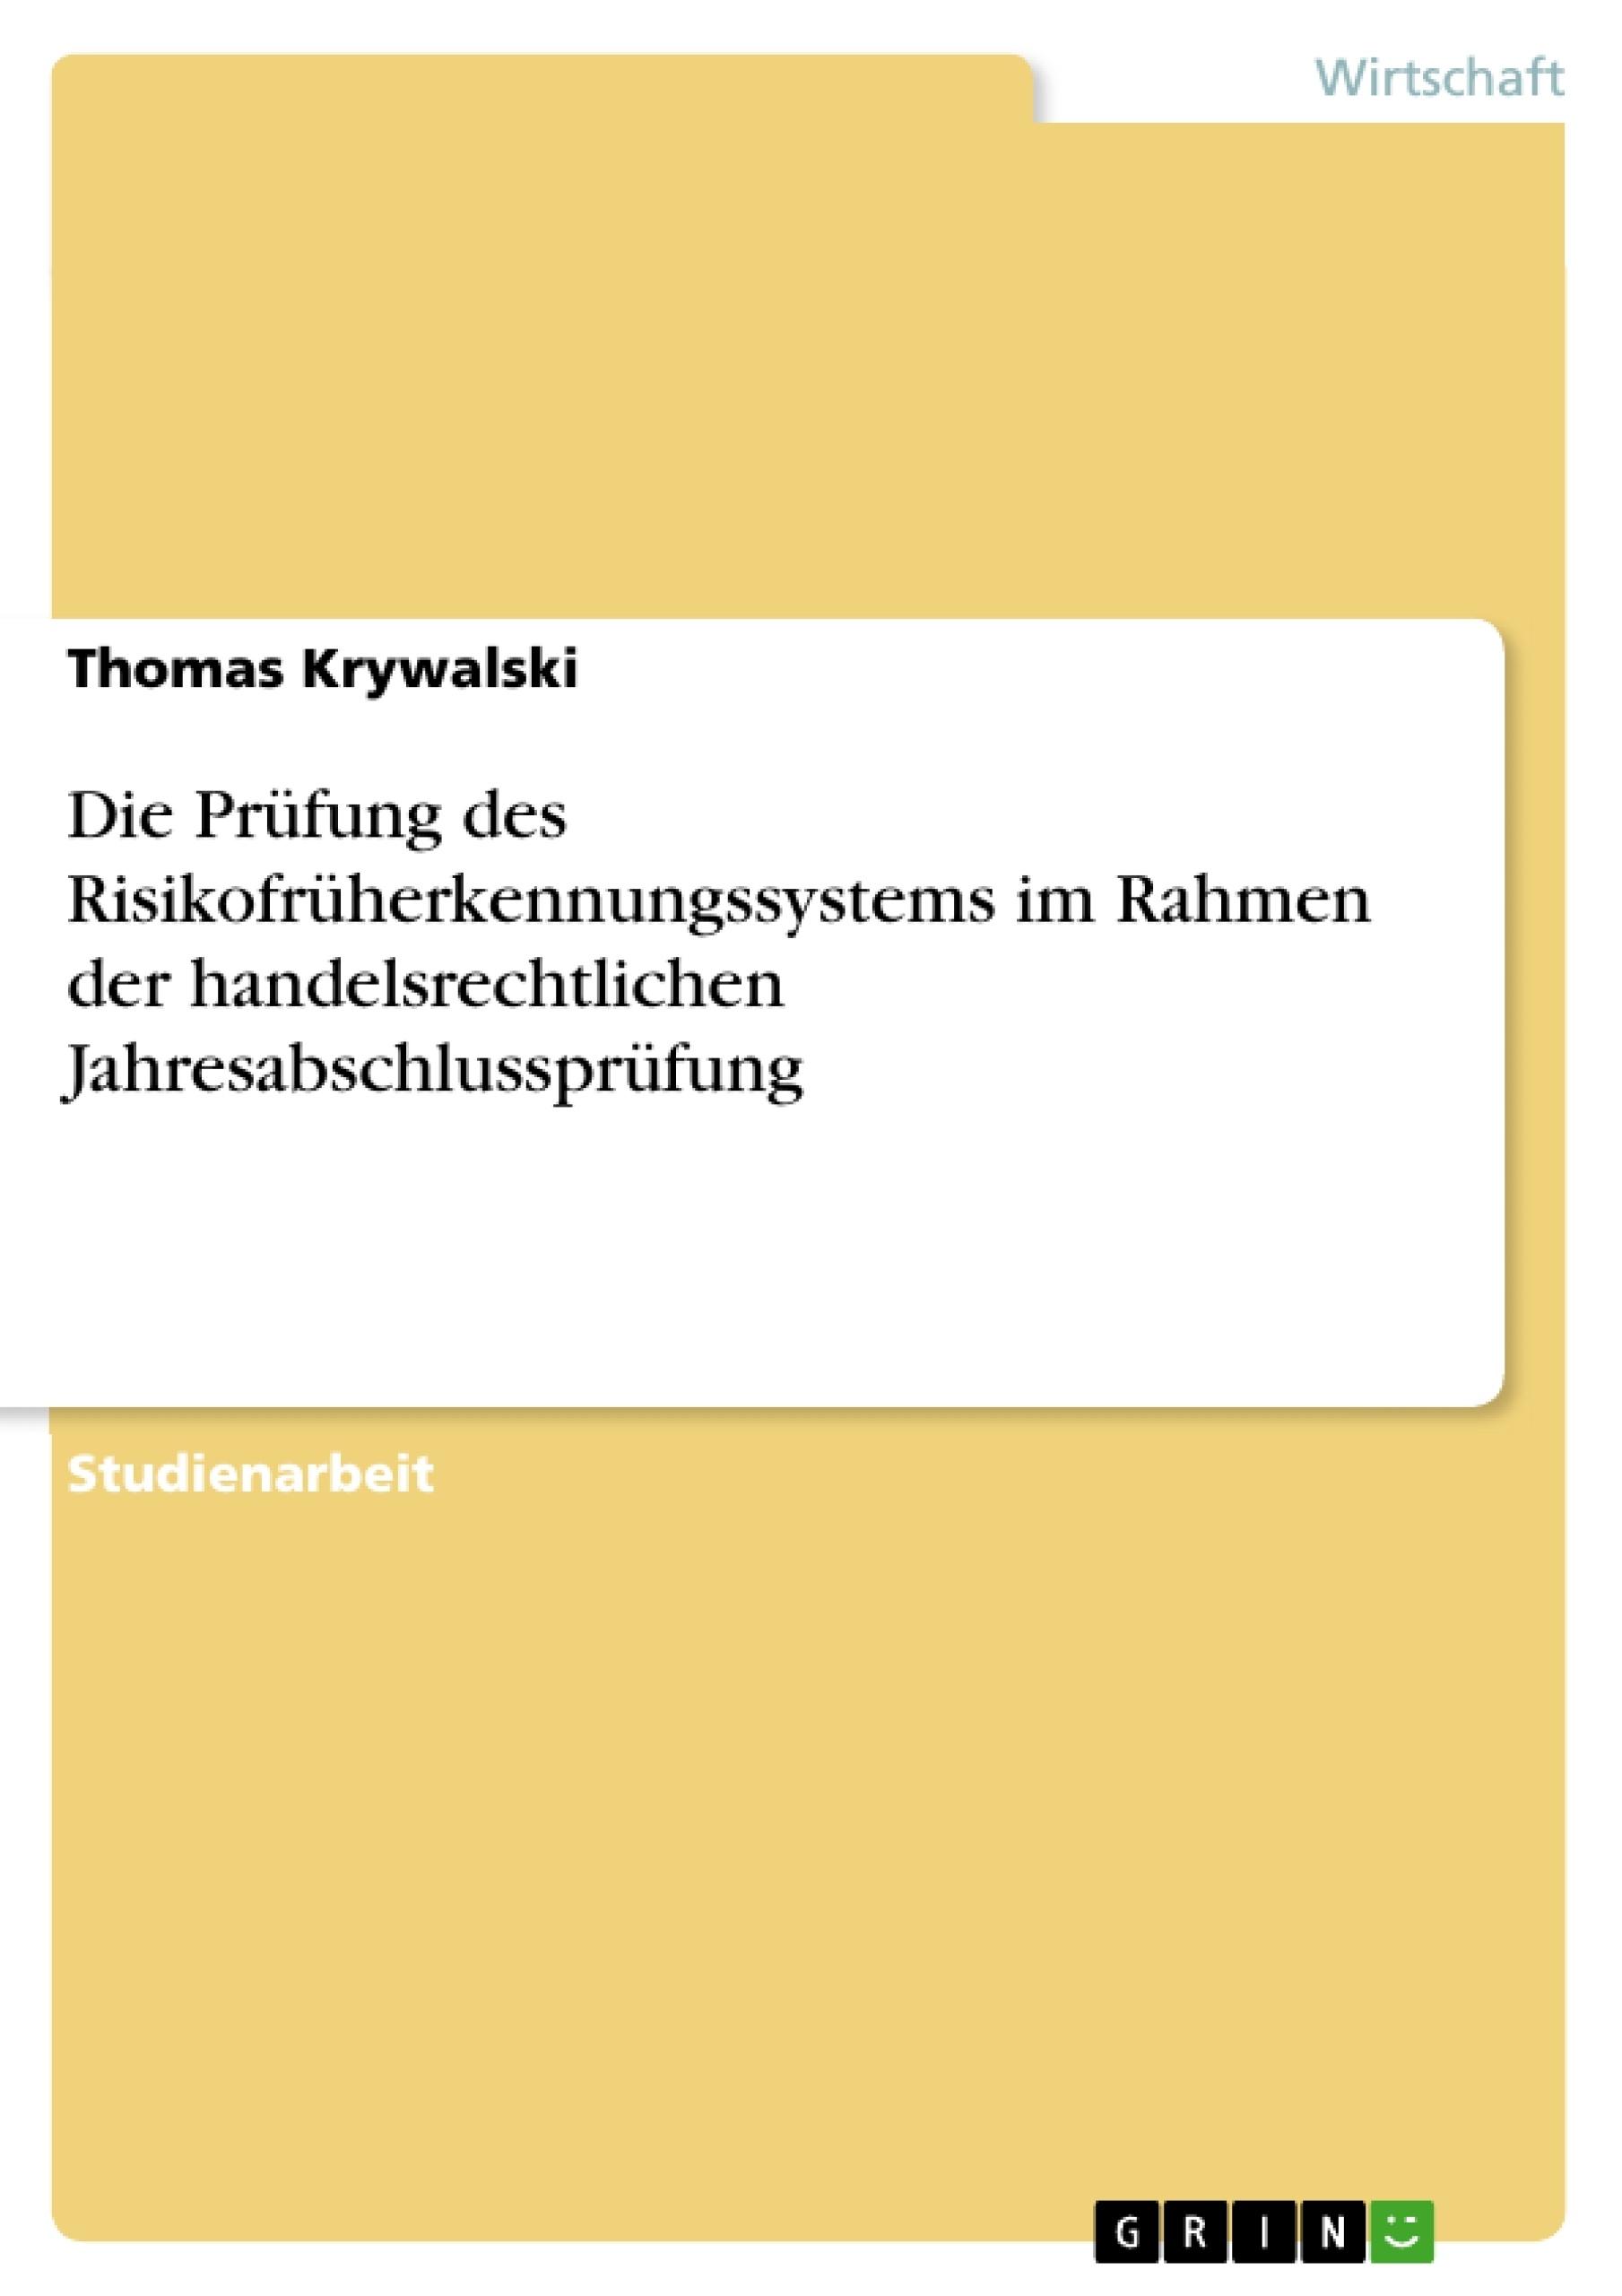 Titel: Die Prüfung des Risikofrüherkennungssystems im Rahmen der handelsrechtlichen Jahresabschlussprüfung